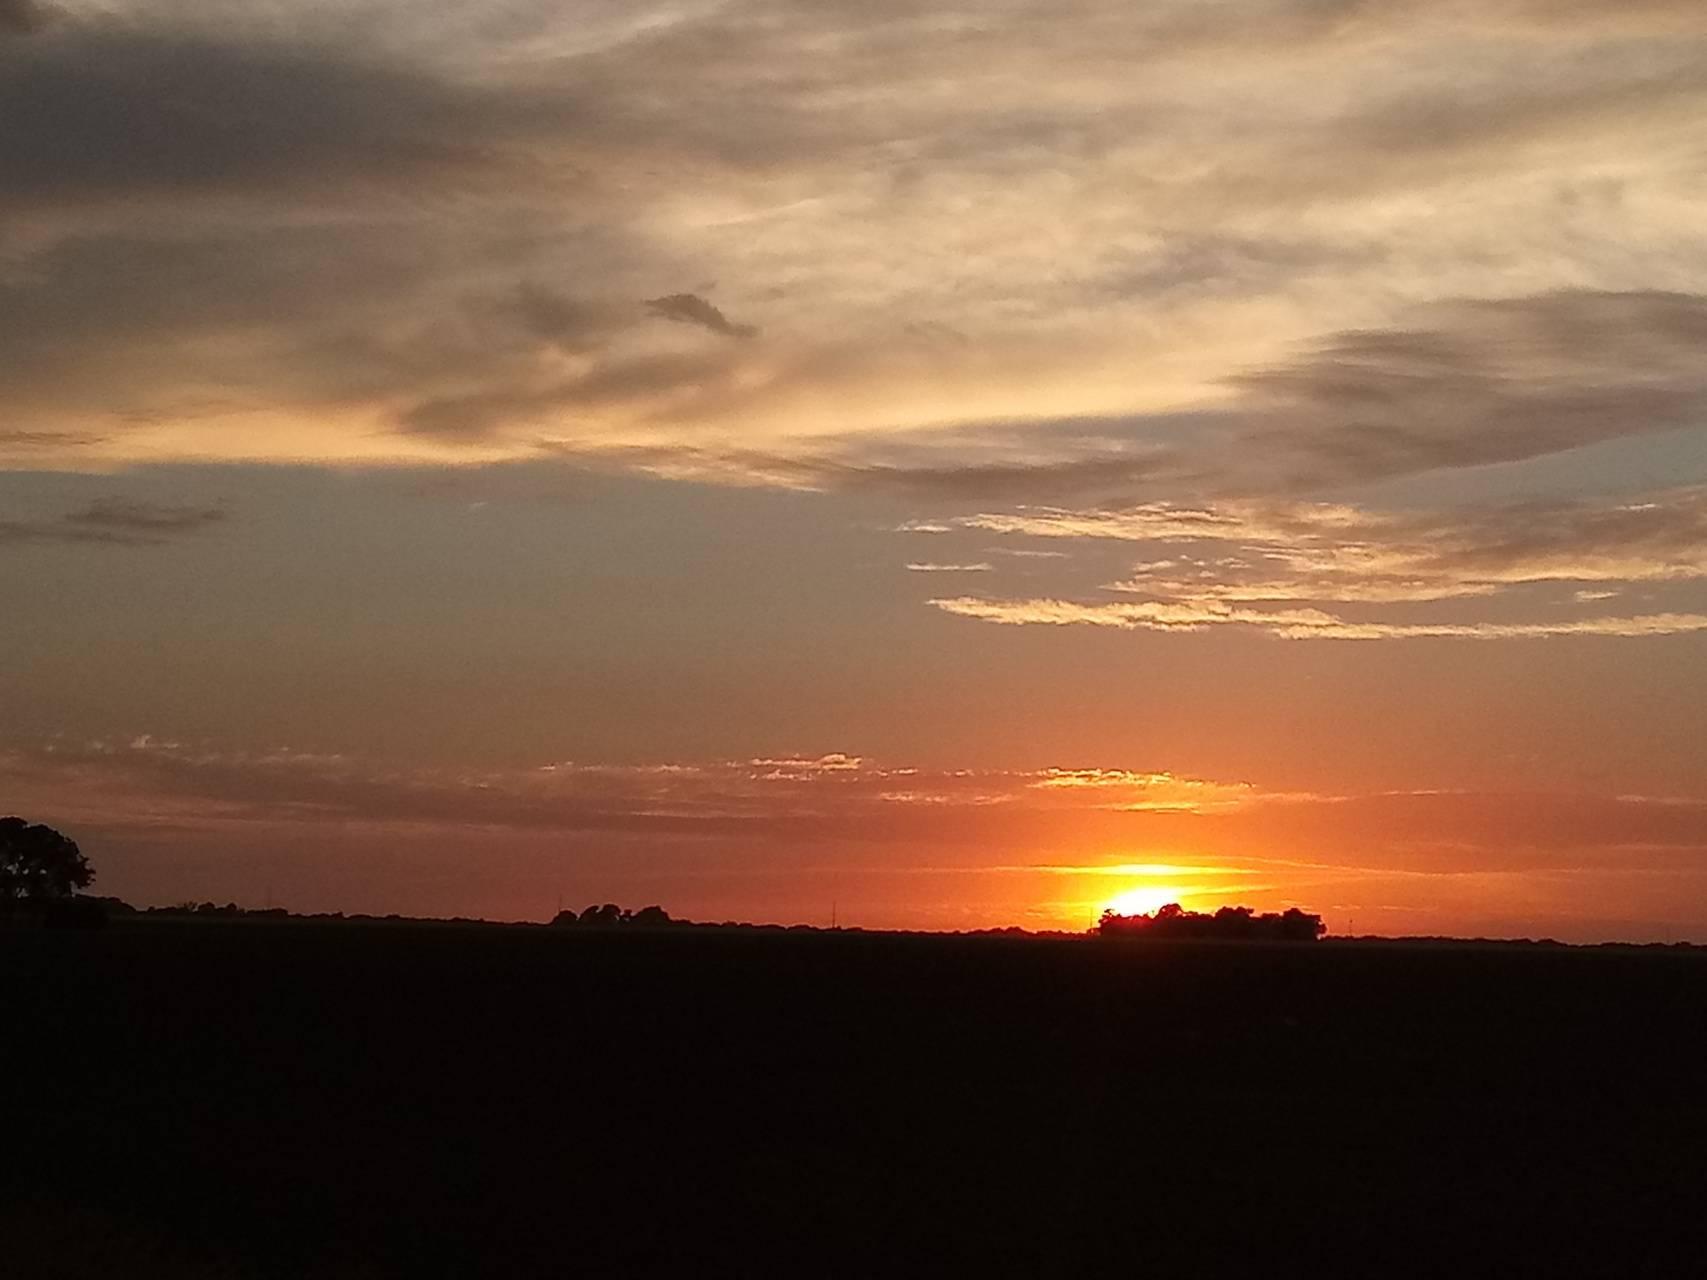 Kansas sun